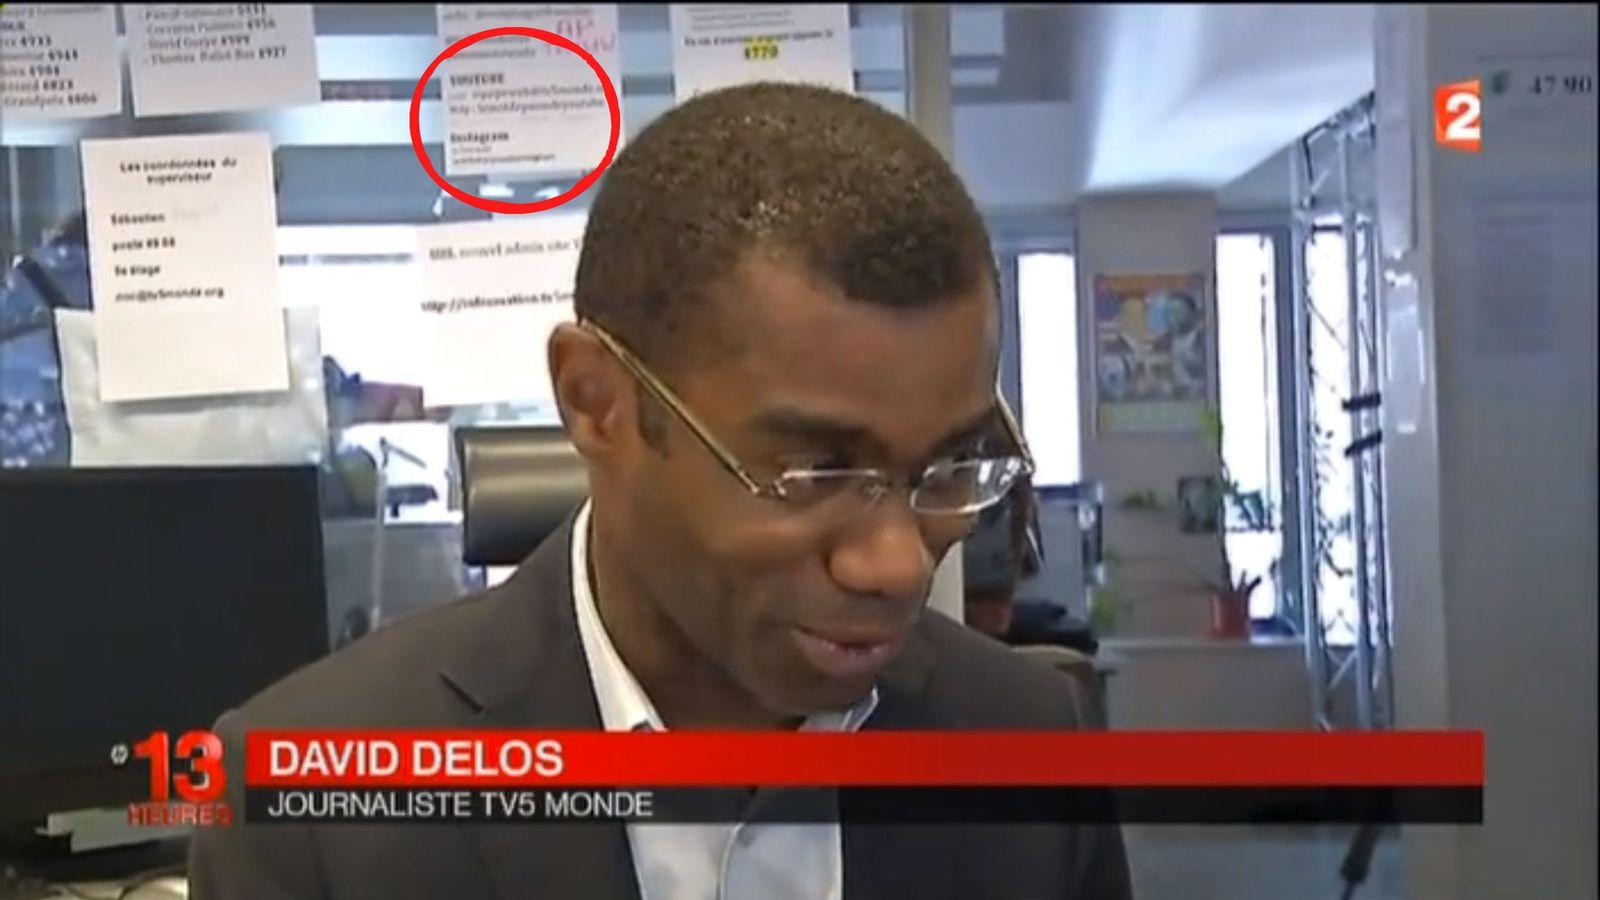 NUR ALS ZITAT Screenshot/ 13 Heures besucht TV5-Redaktion/ Interview/ Passwort